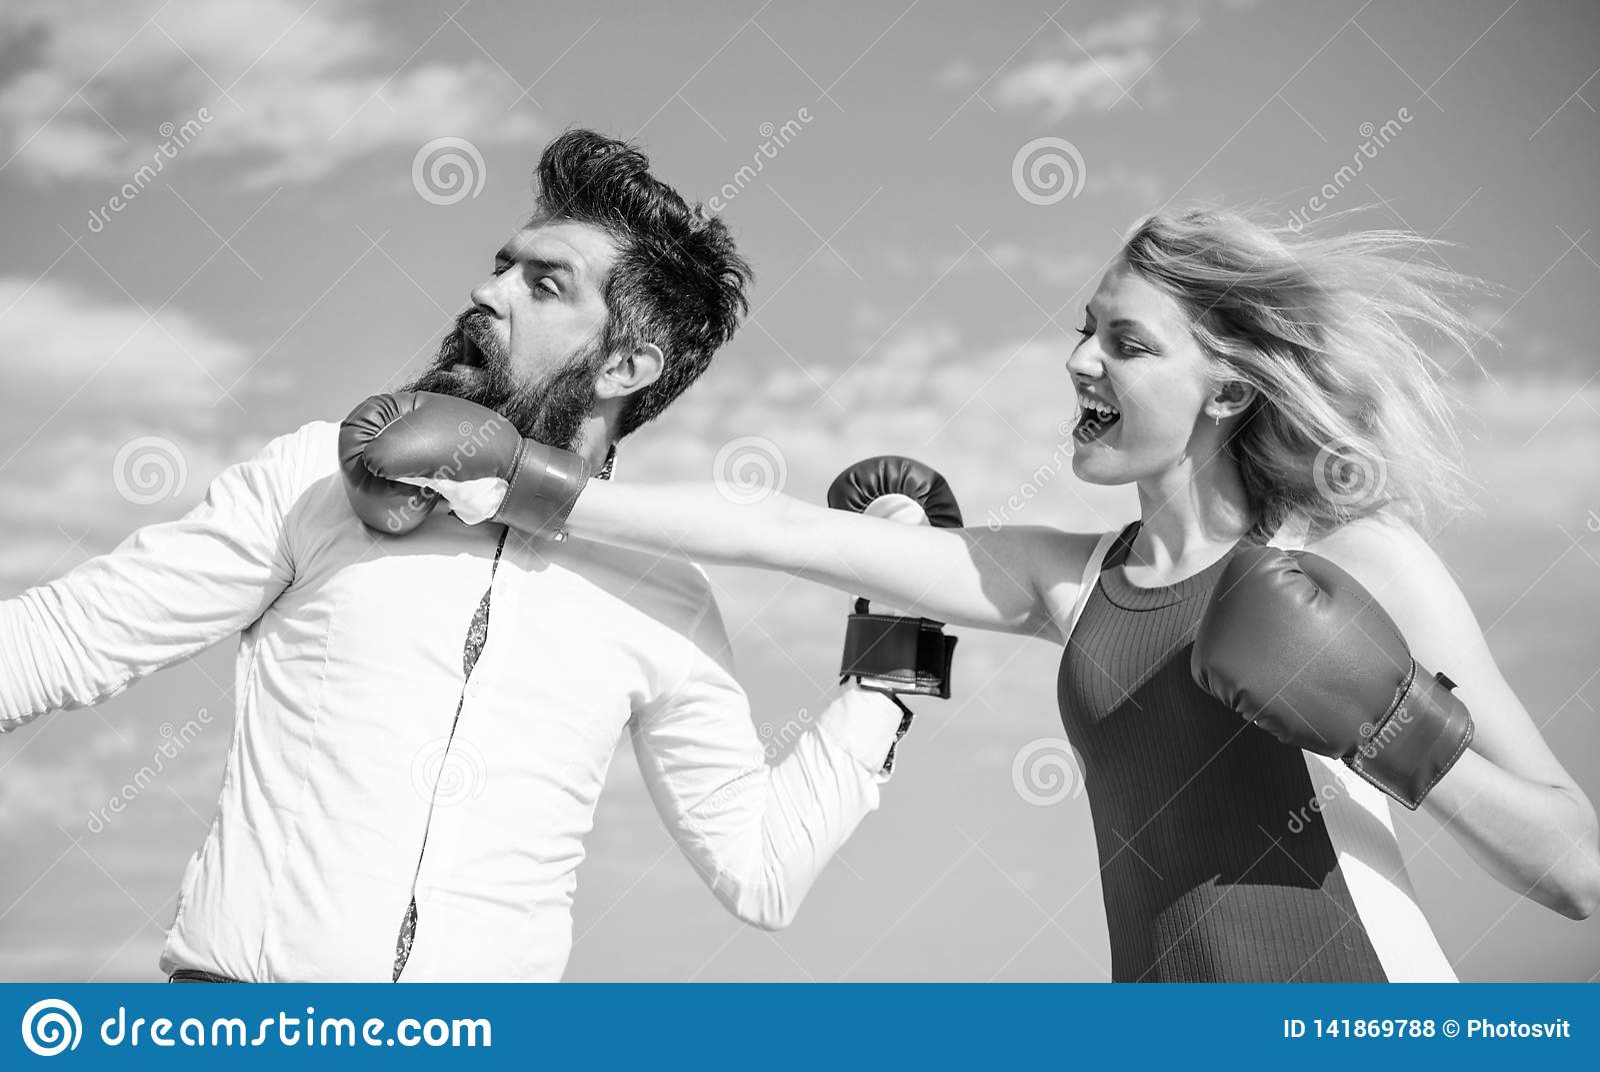 Σχέσεις ως έννοια προσπάθειας Υπόβαθρο μπλε ουρανού εγκιβωτίζοντας γαντιών πάλης ανδρών και γυναικών Υπερασπίστε την άποψή σας μέ